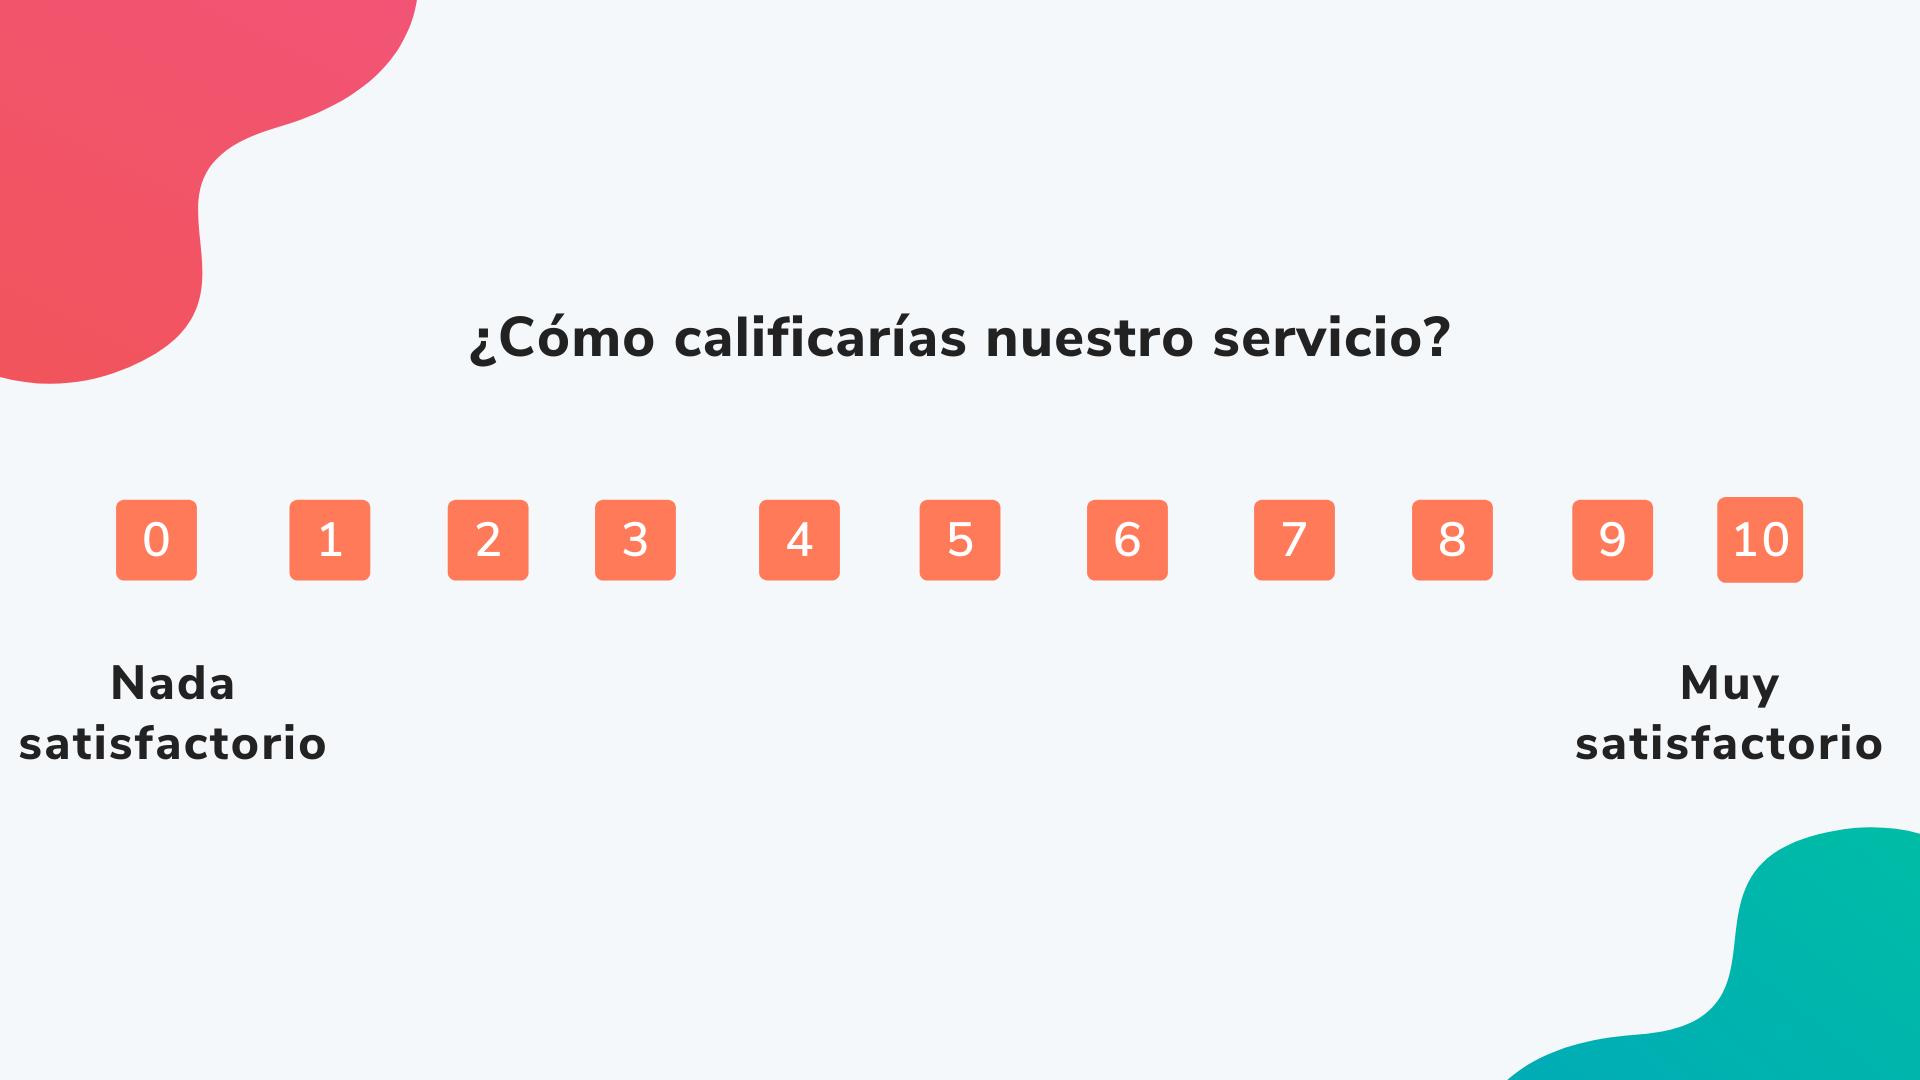 Ejemplos de encuestas de satisfacción del cliente: calificación de servicio